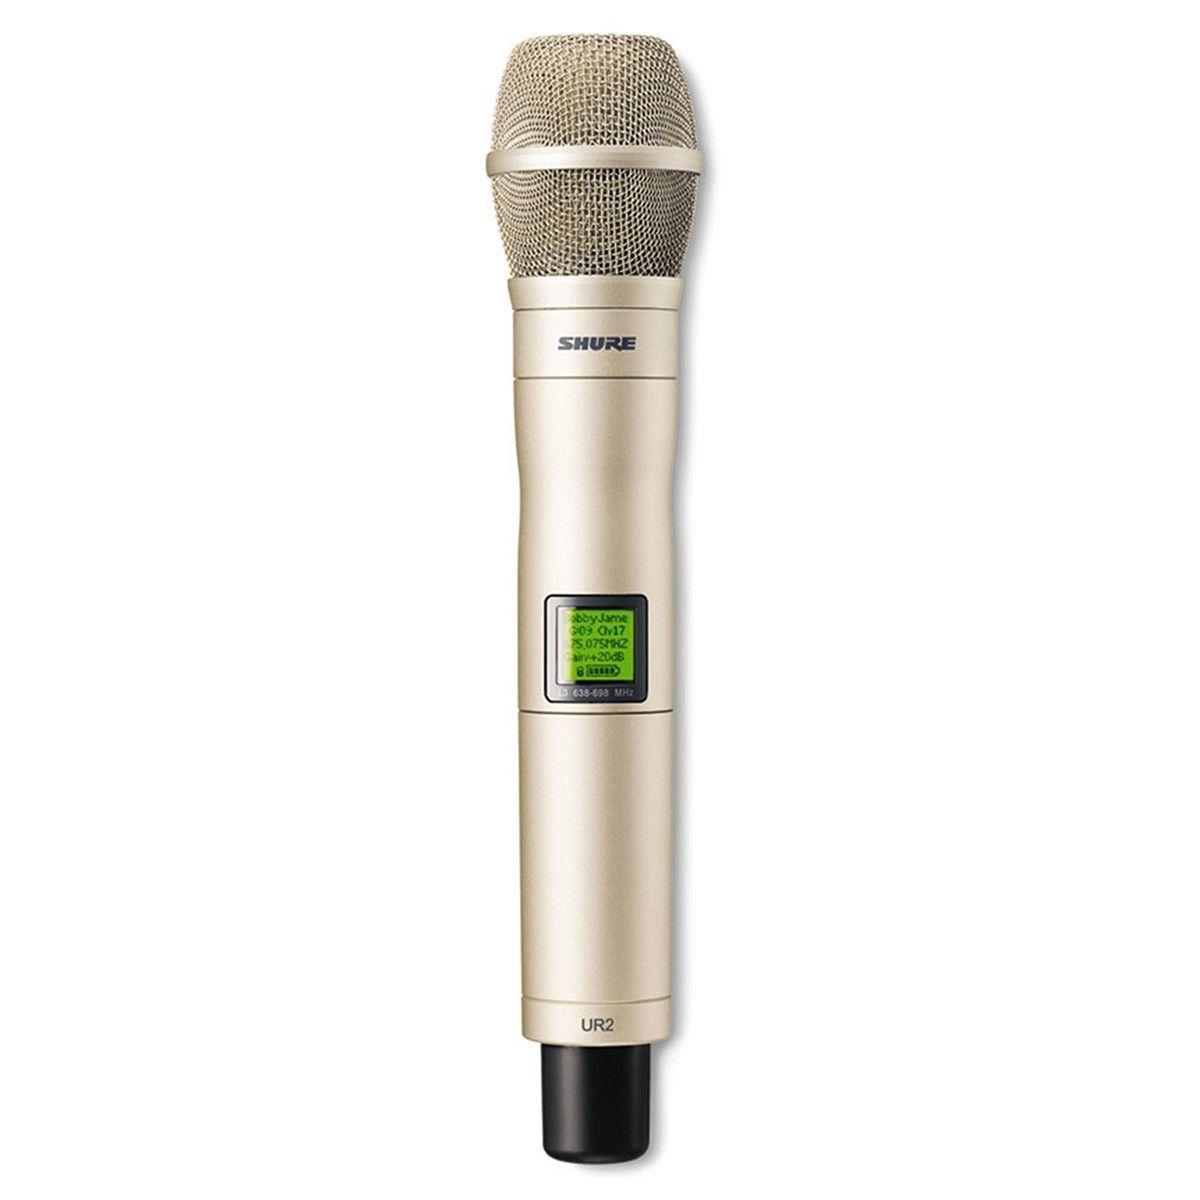 Shure UR2/KSM9 Microfone Sem fio Shure UR2-KSM9 para a Série UHF-R e Palco